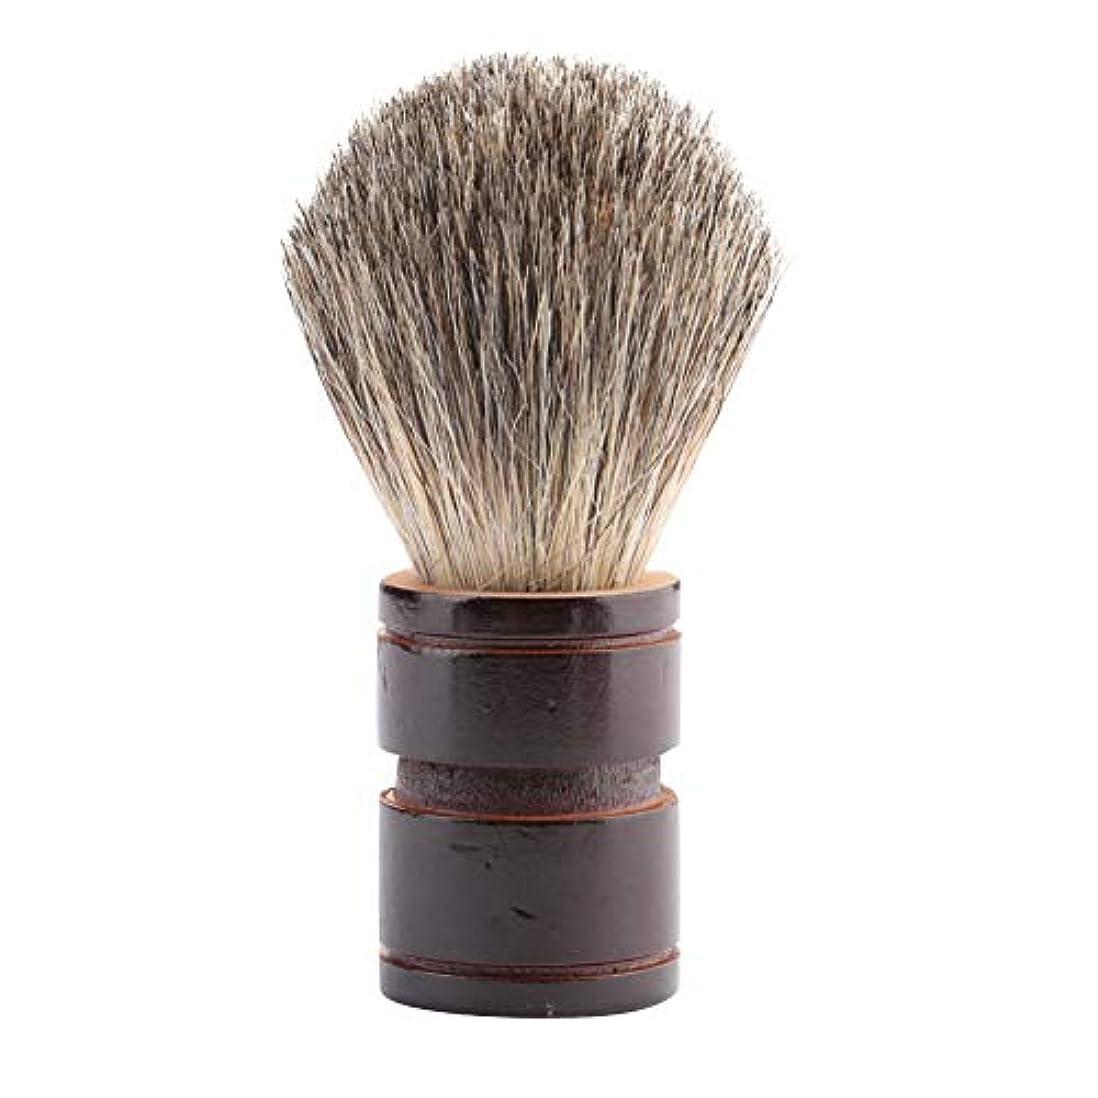 ラジエーター踏み台さておきひげブラシ、2色オプションのポータブルプレミアム品質ブラシ男性のためのひげのケアツール美容院と家庭用缶(ヘム+ミックスロード)